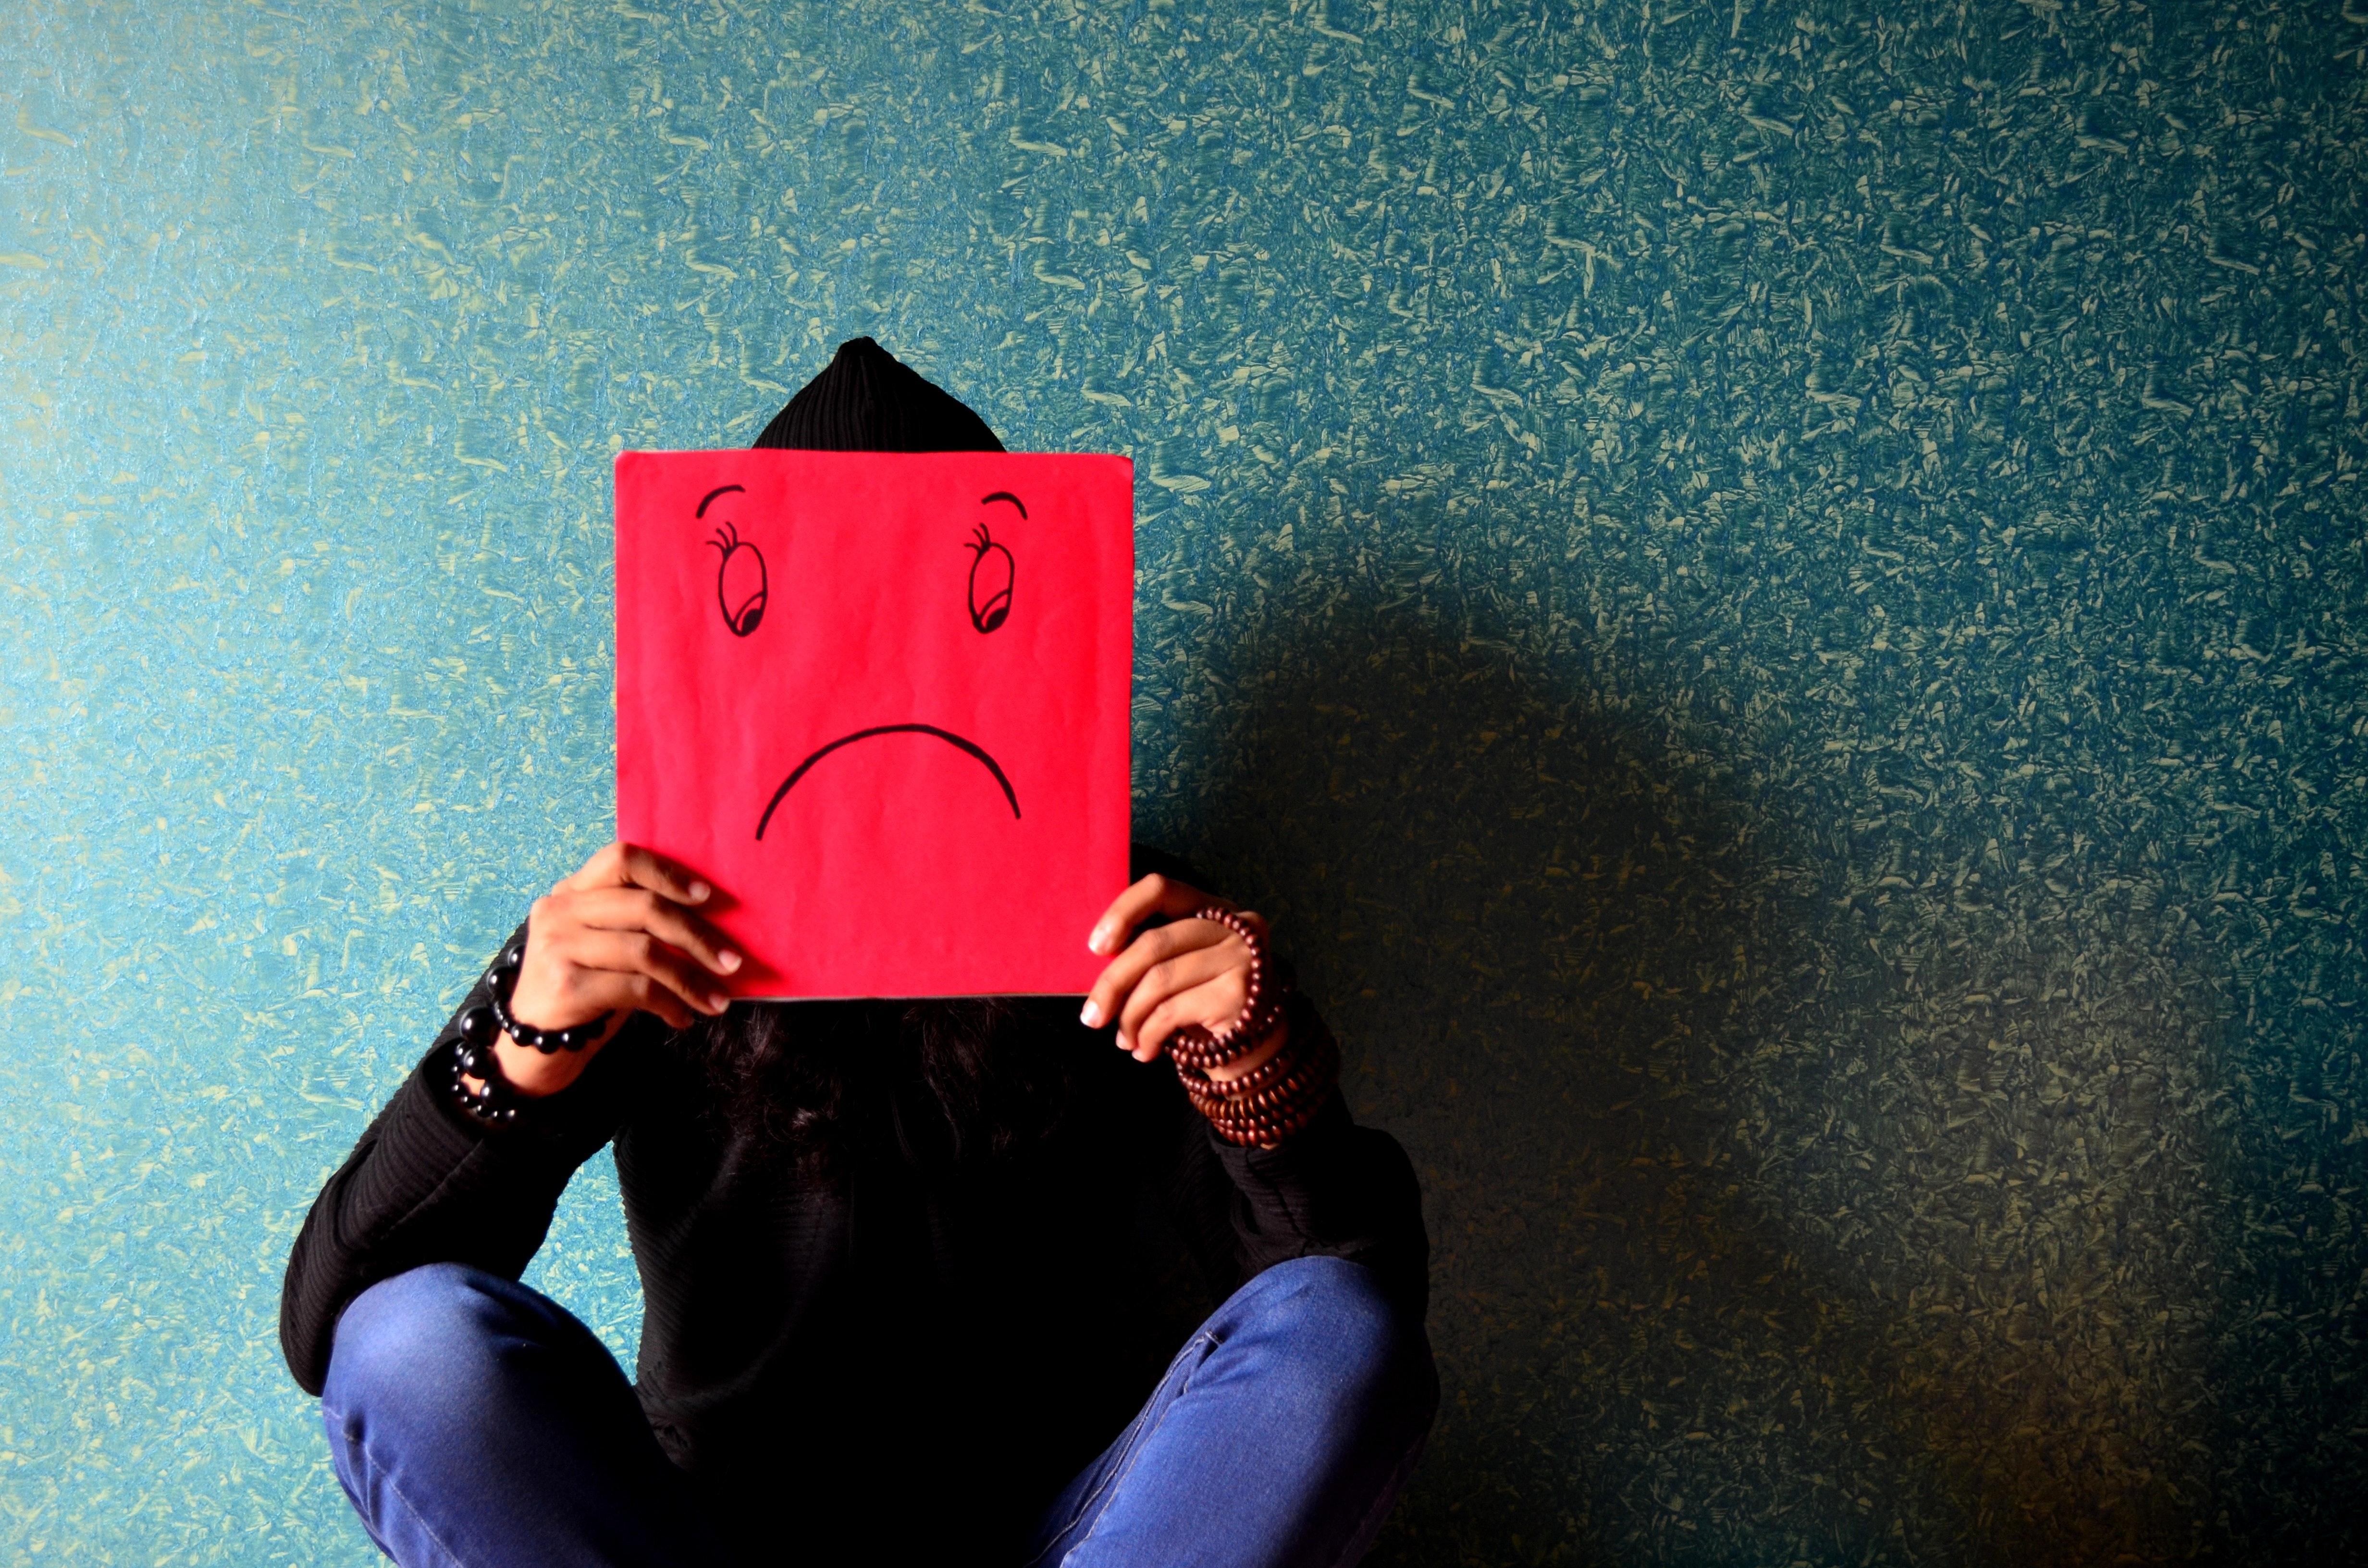 Léčba deprese u teenagerů může pozitivně ovlivnit duševní zdraví jejich rodičů, tvrdí studie